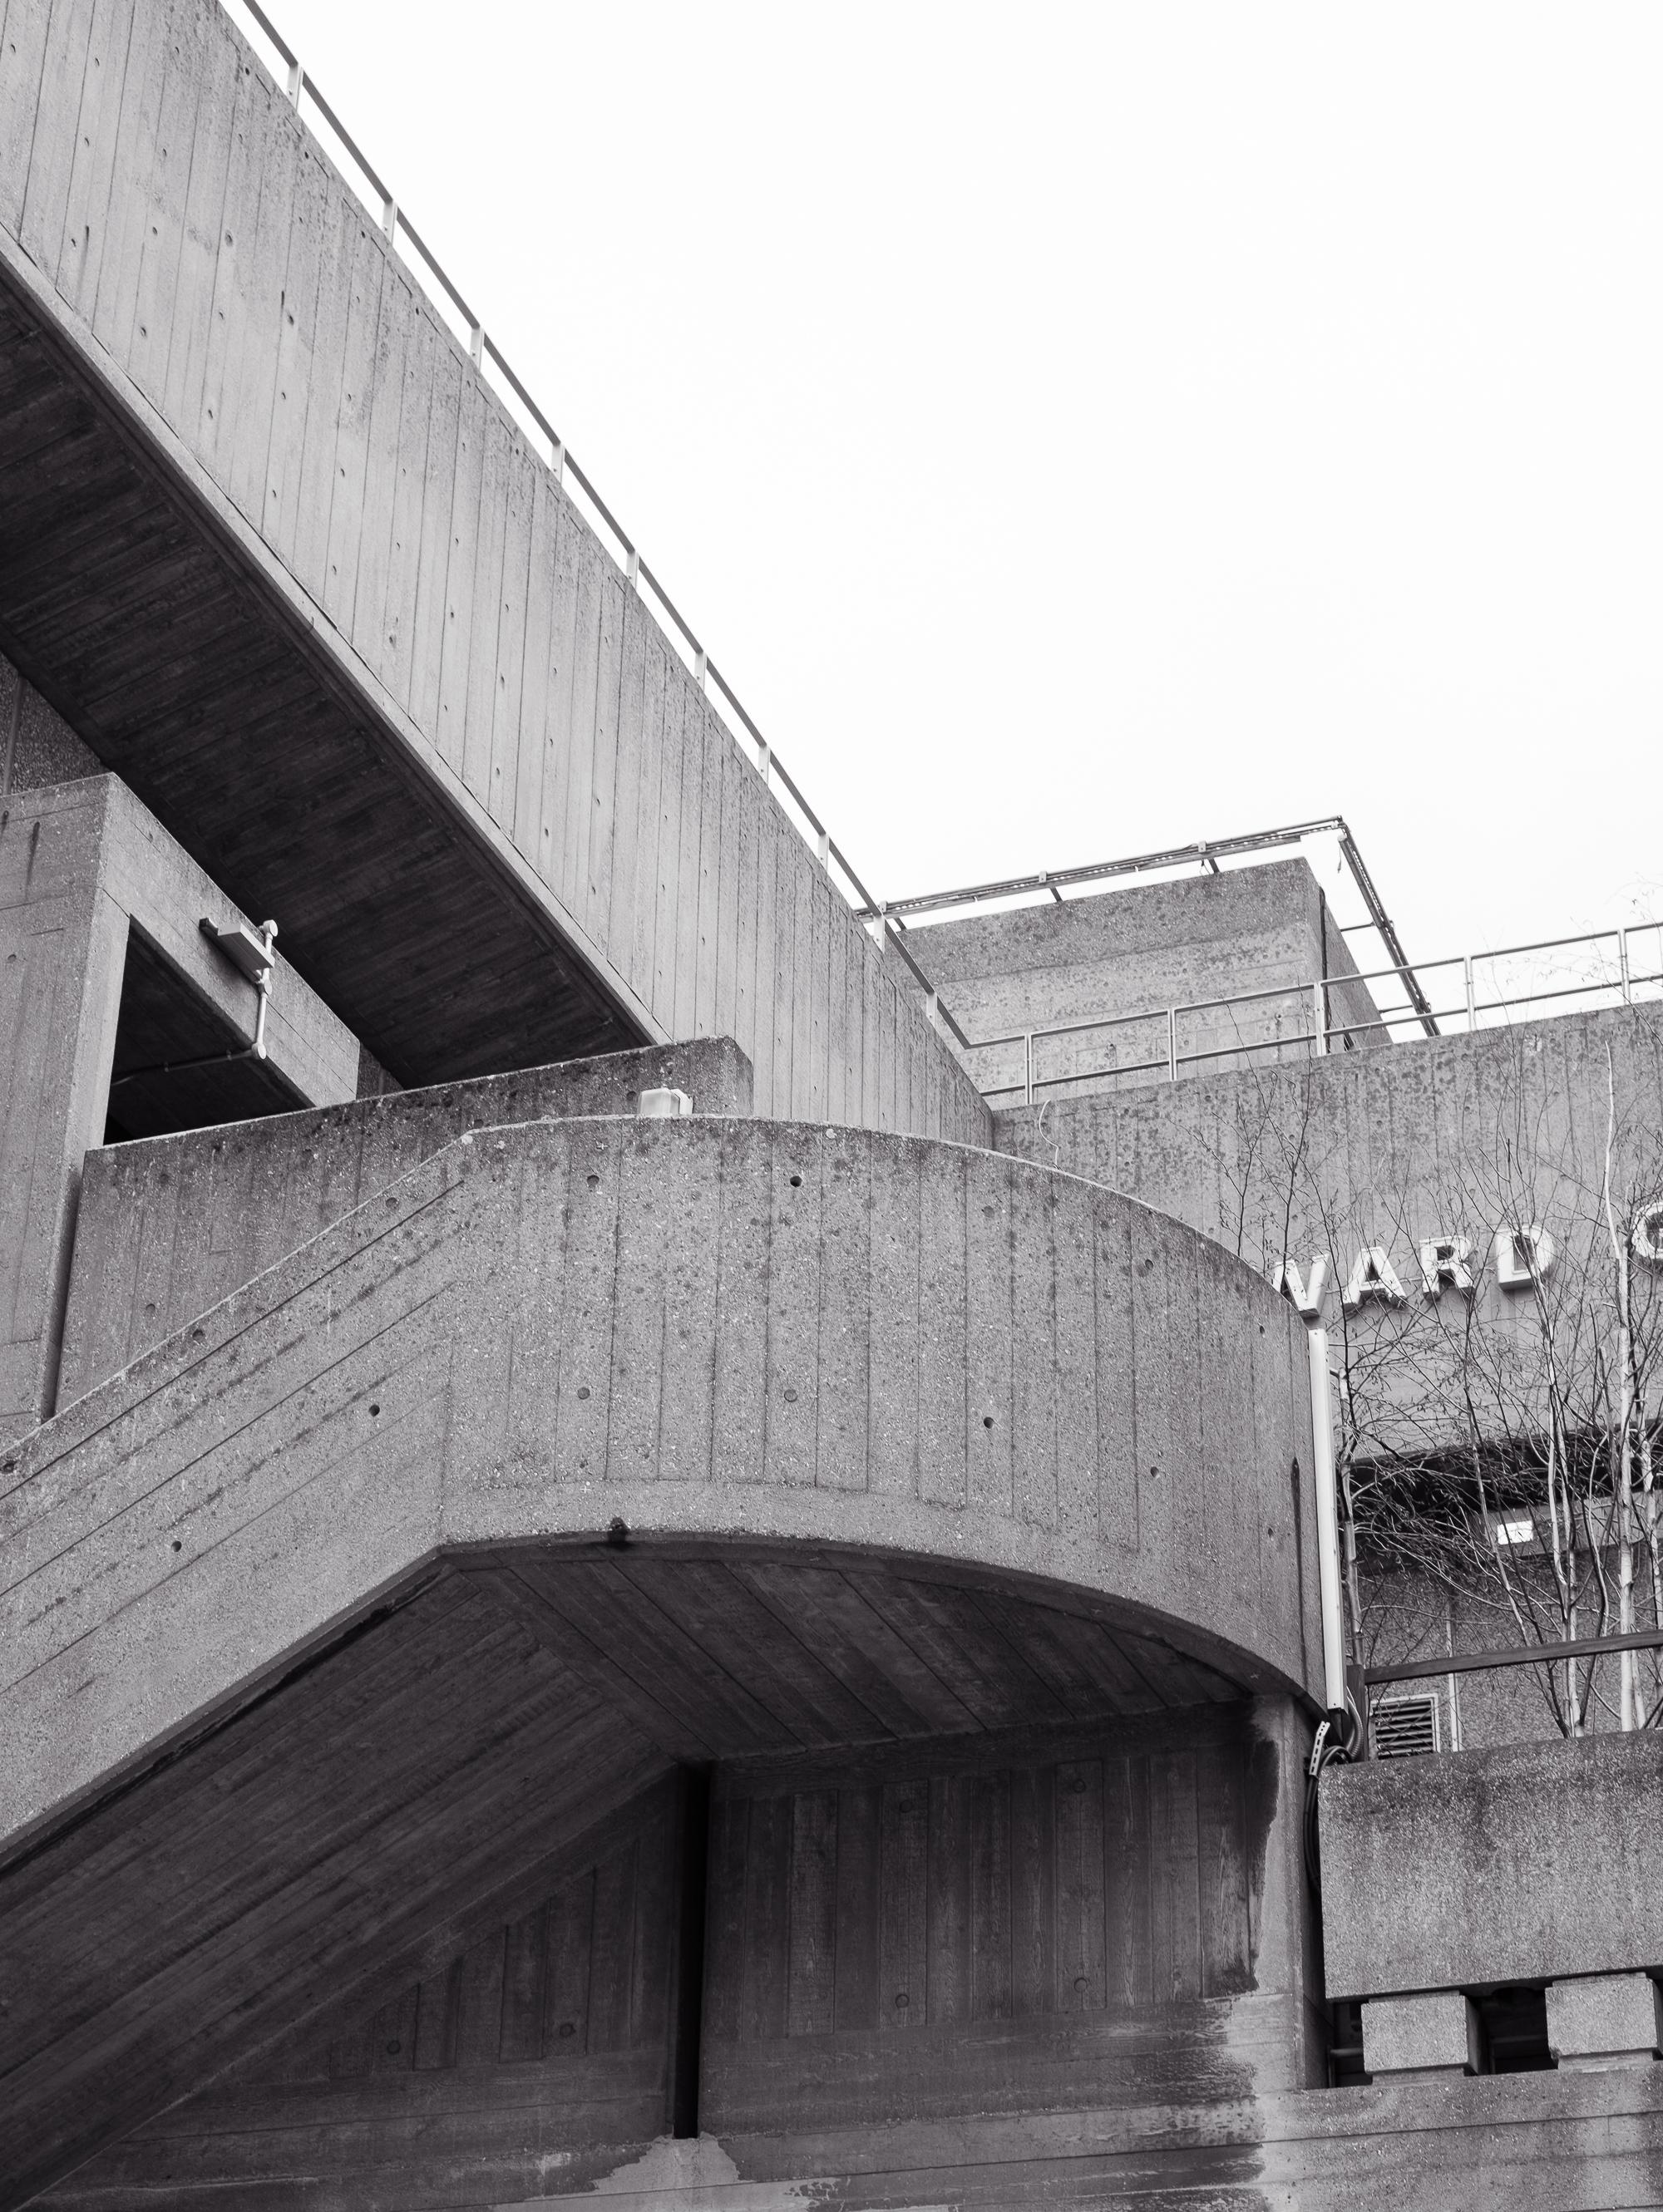 Hayward Gallery, Brutalism